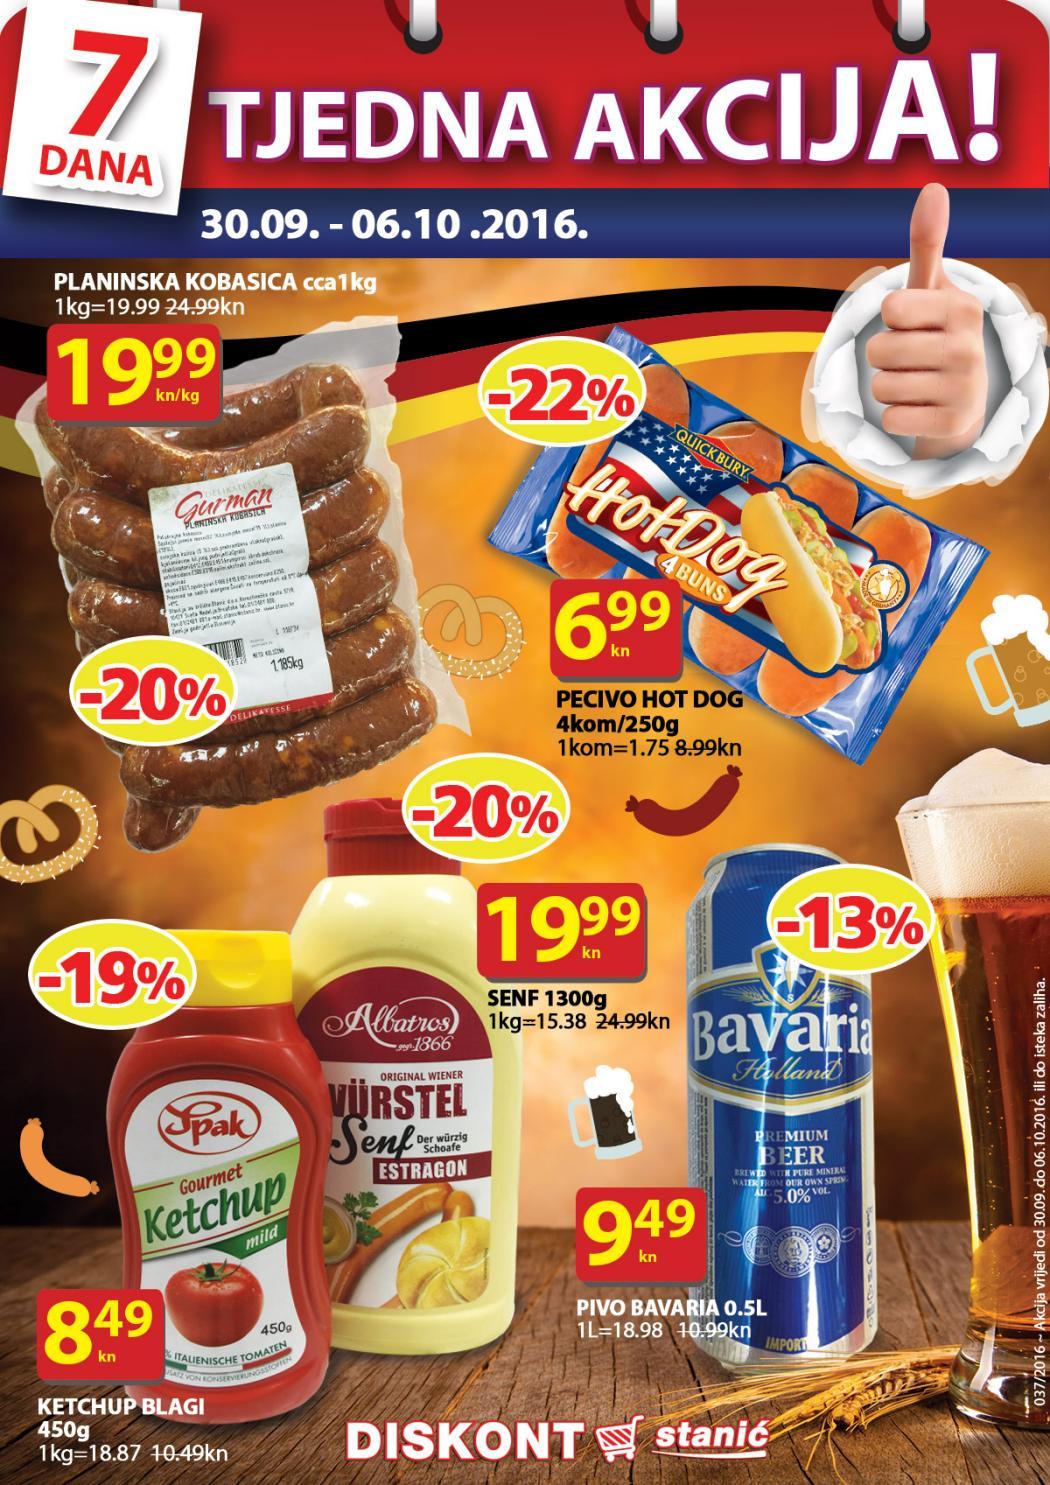 Nova tjedna ponuda u Stanić diskontima od 30.09.- 06.10.2016. Iskoristite nove super cijene svježih, konzerviranih i smrznutih prehrambenih proizvoda.